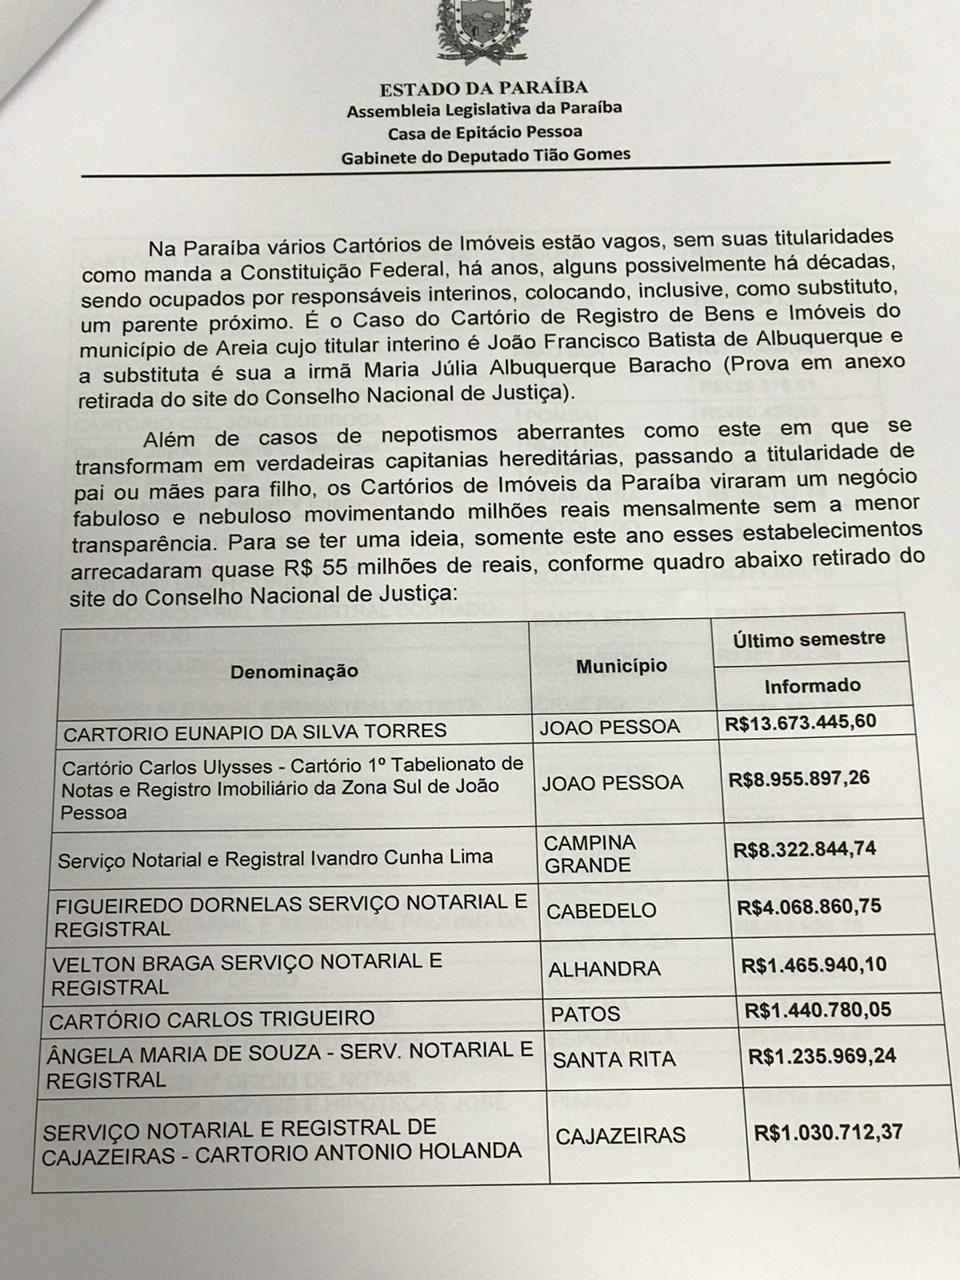 db722d1d c3be 450d 949a 5bb28c9c28db - Tião Gomes protocola a CPI dos Cartórios com 12 assinaturas